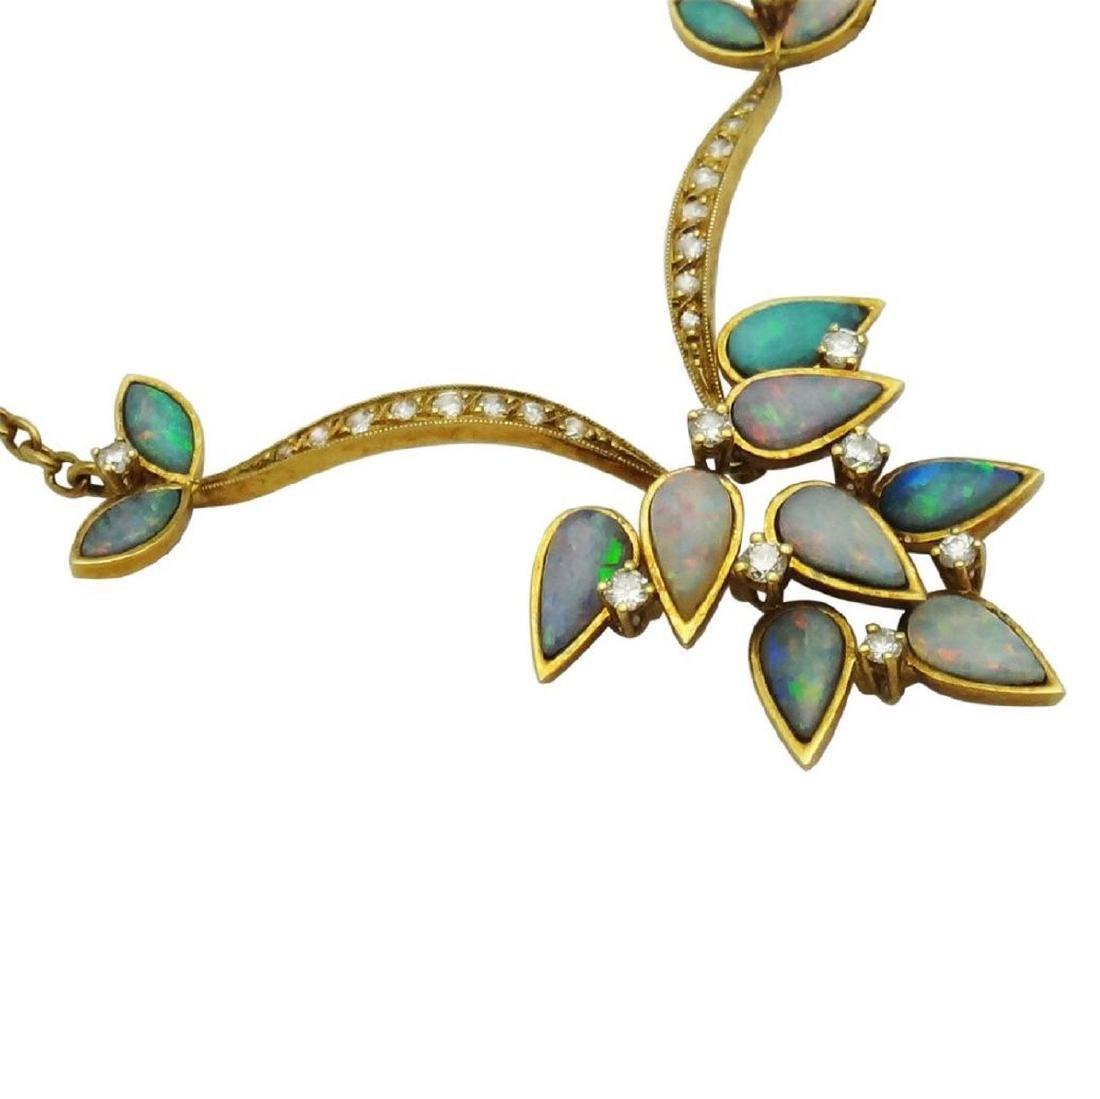 18K Opal Diamond Necklace Earrings & Ring Set - 3